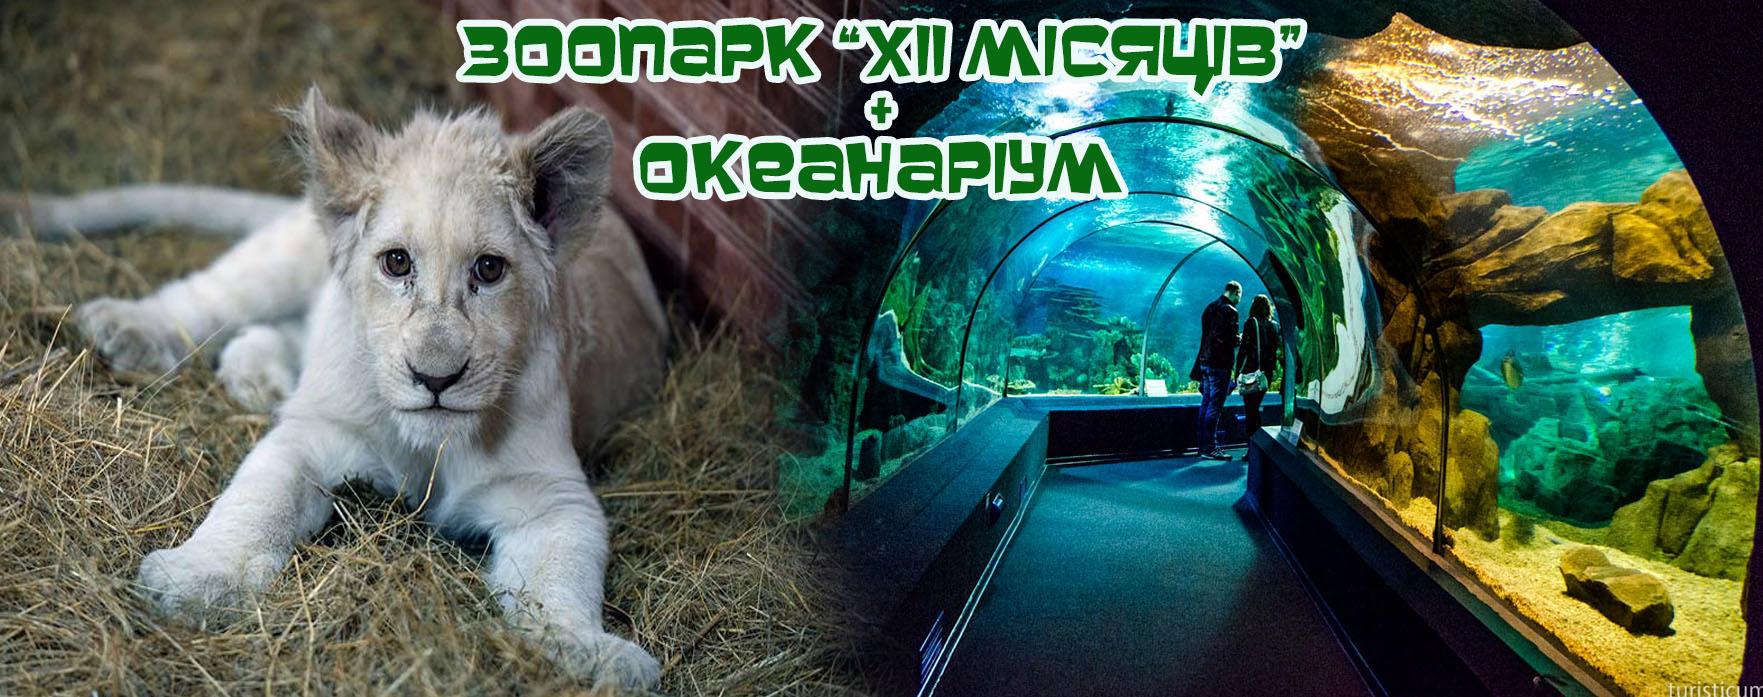 Zoo okean poster